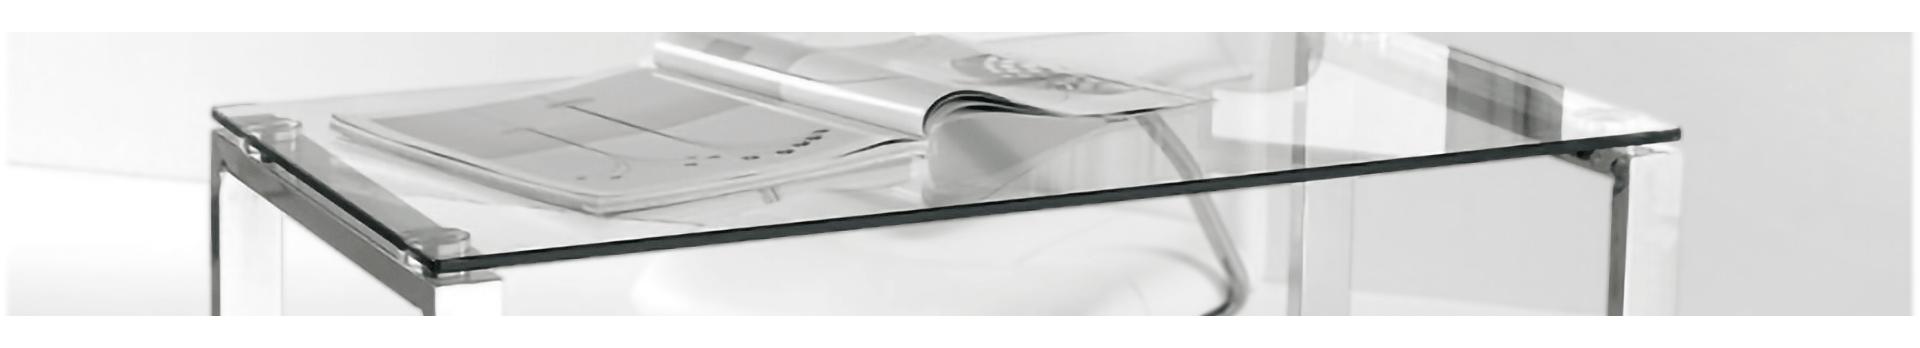 Mesas de Ordenador | Auxiliares | Mobelfy ®